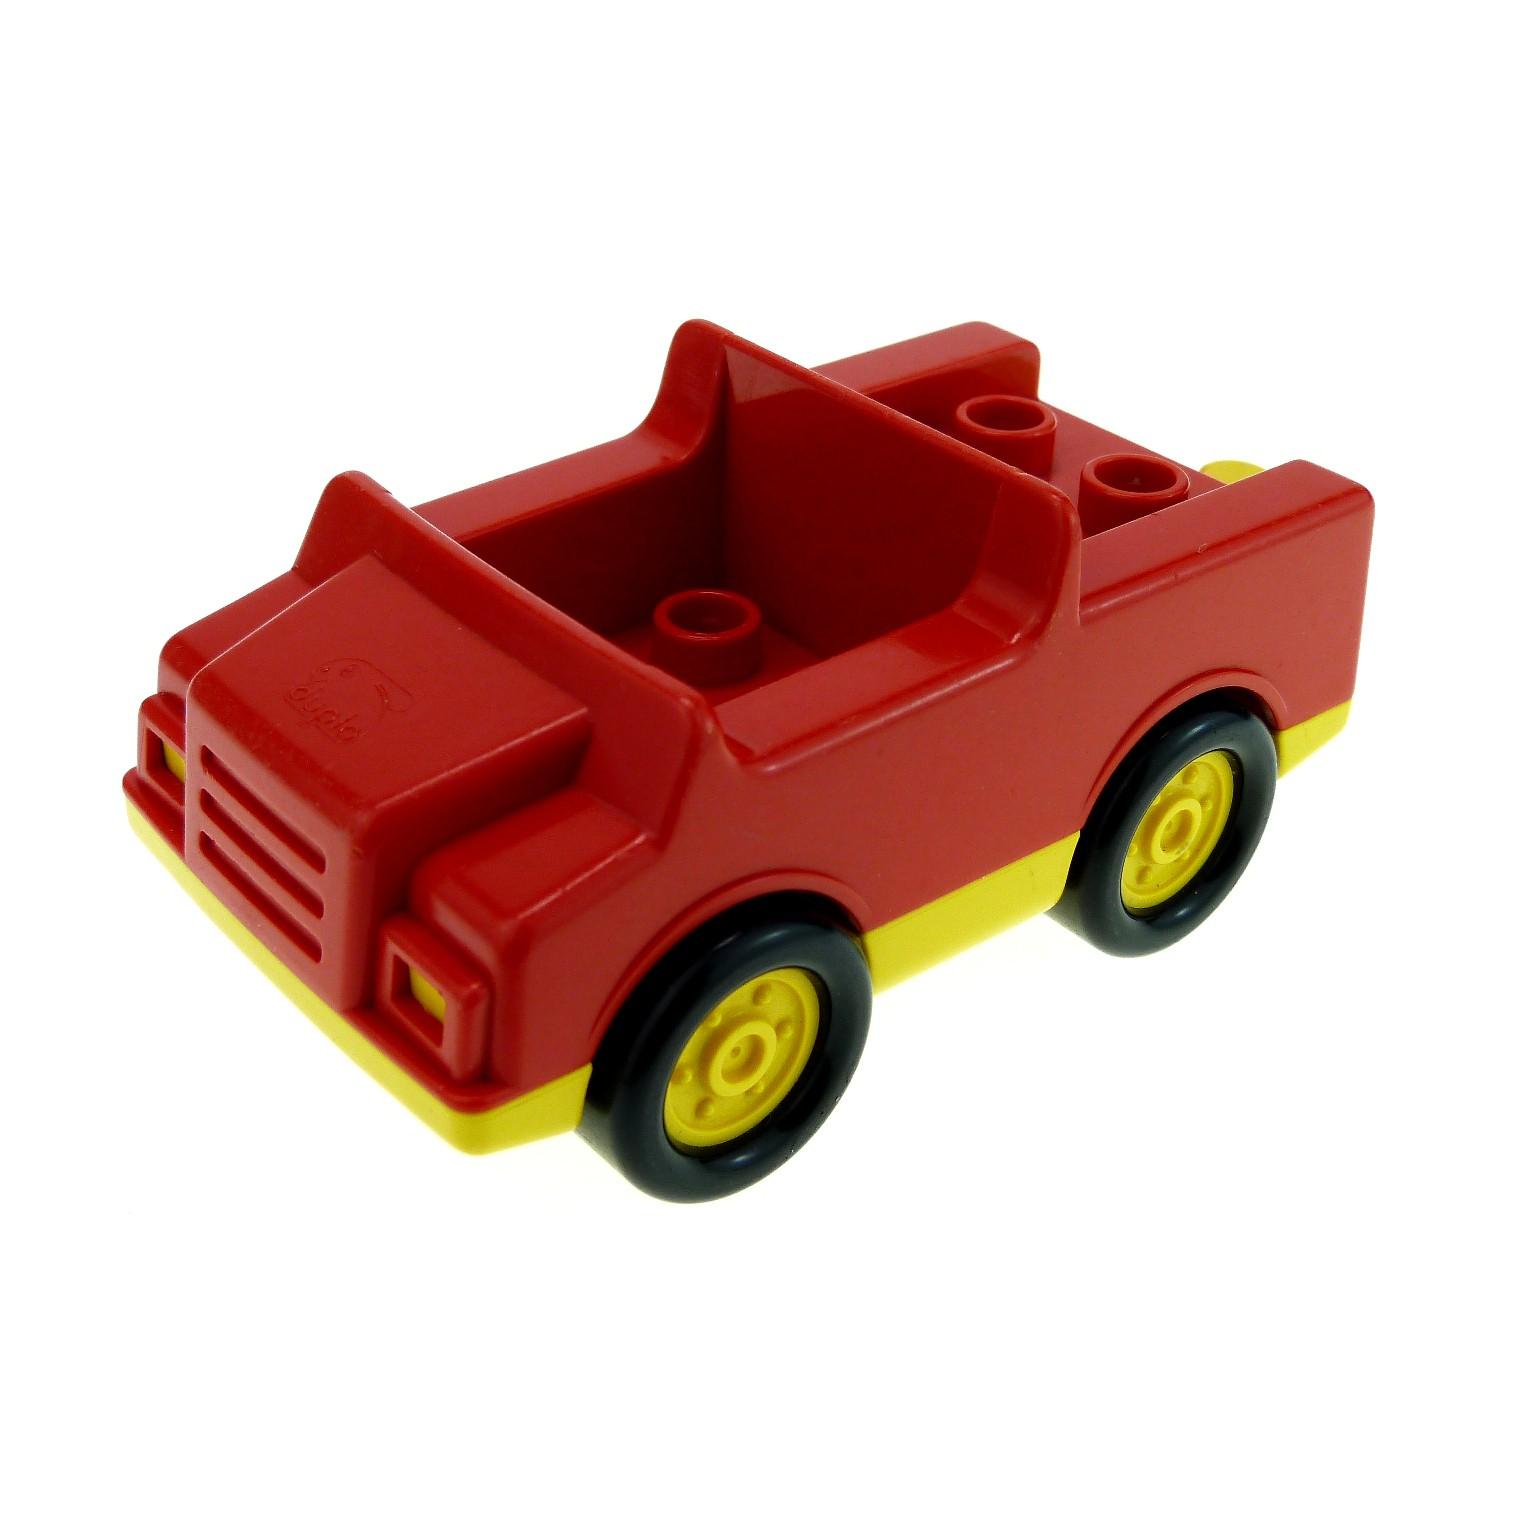 1 x lego duplo fahrzeug auto rot gelb pkw f r feuerwehrwagen 4 noppen im sitz klein f r set 9181. Black Bedroom Furniture Sets. Home Design Ideas